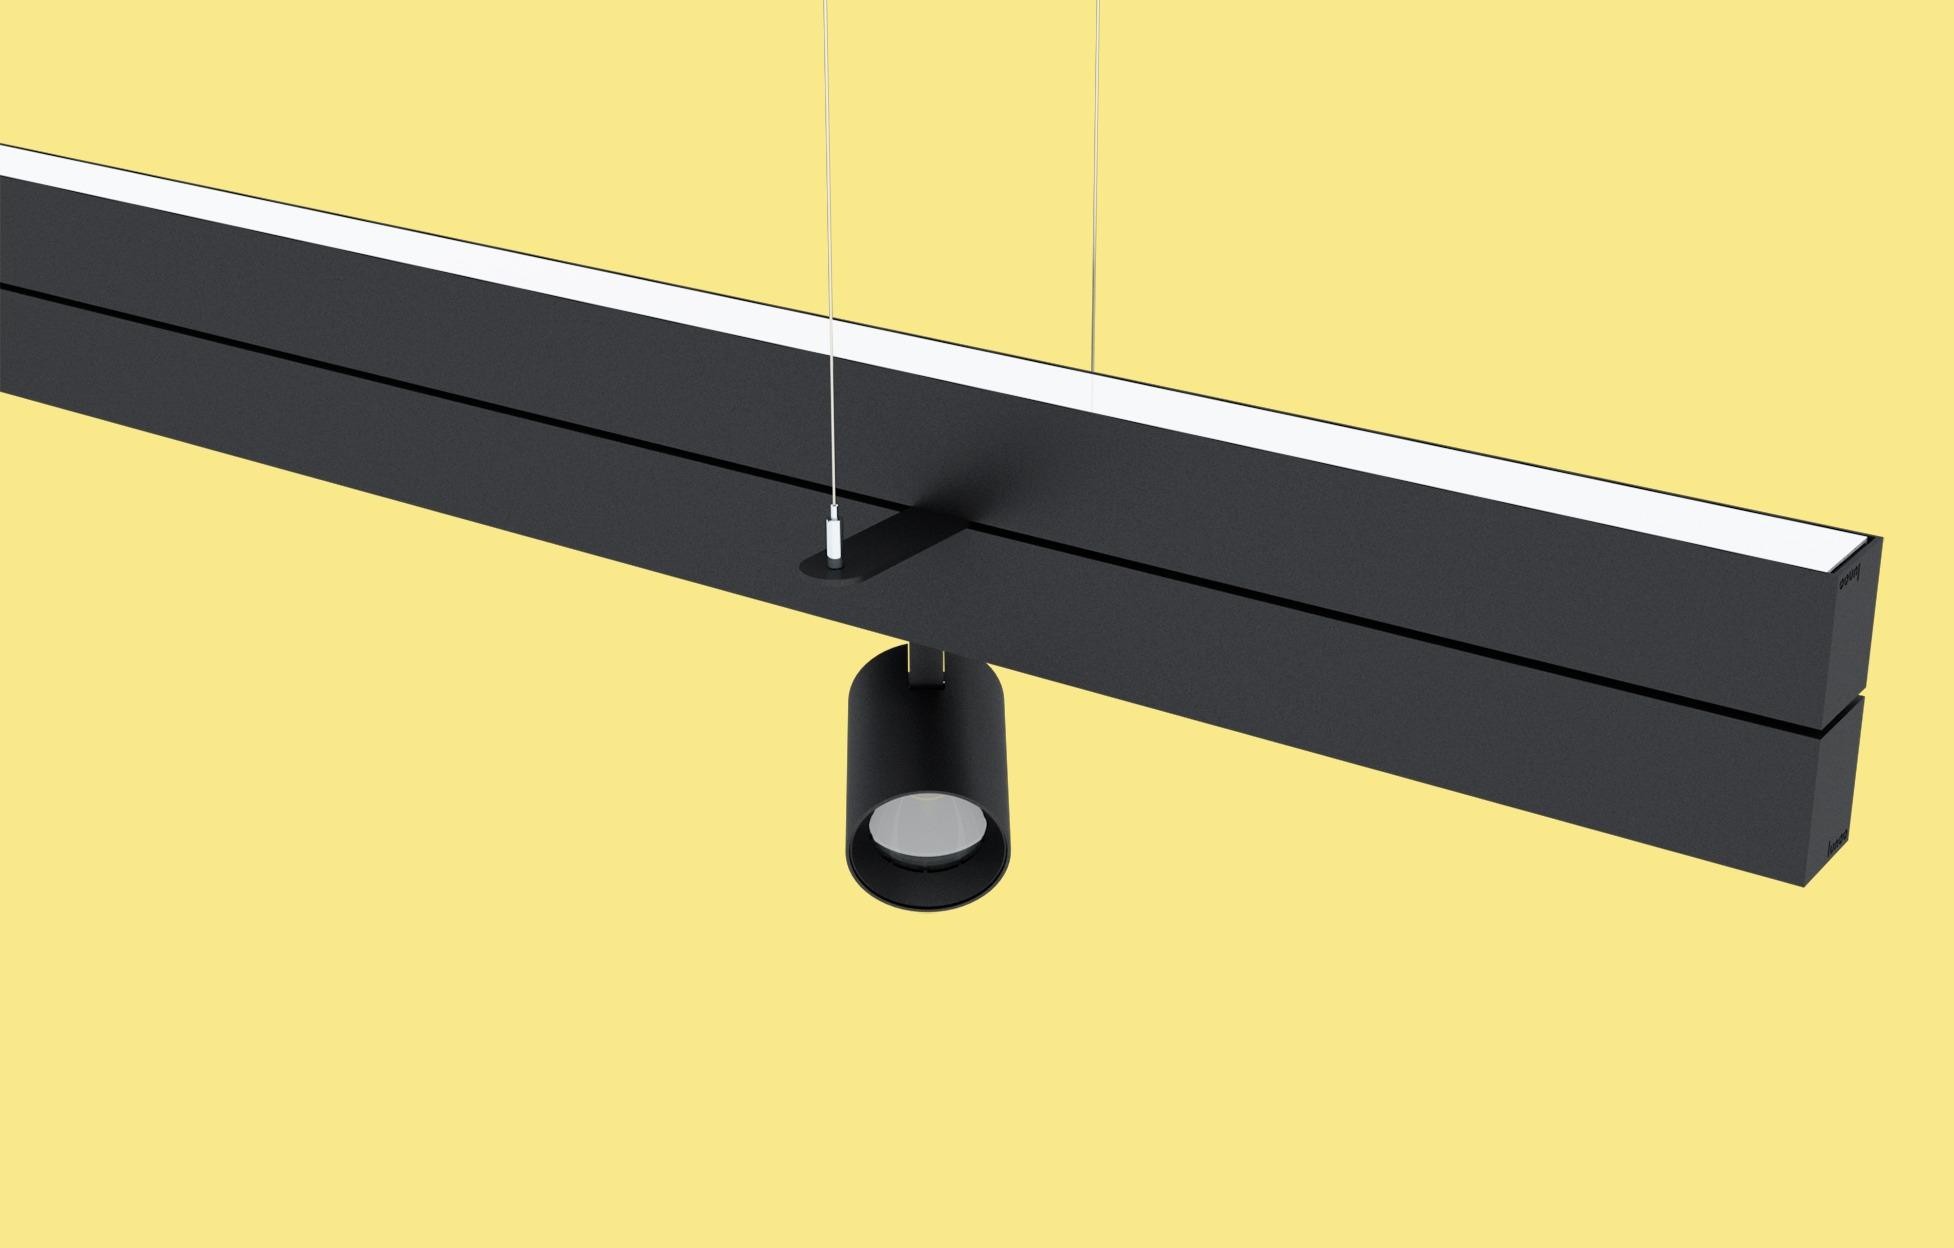 Verlichting ontworpen op maat van de klant: indirecte verlichting gecombineerd met spots.